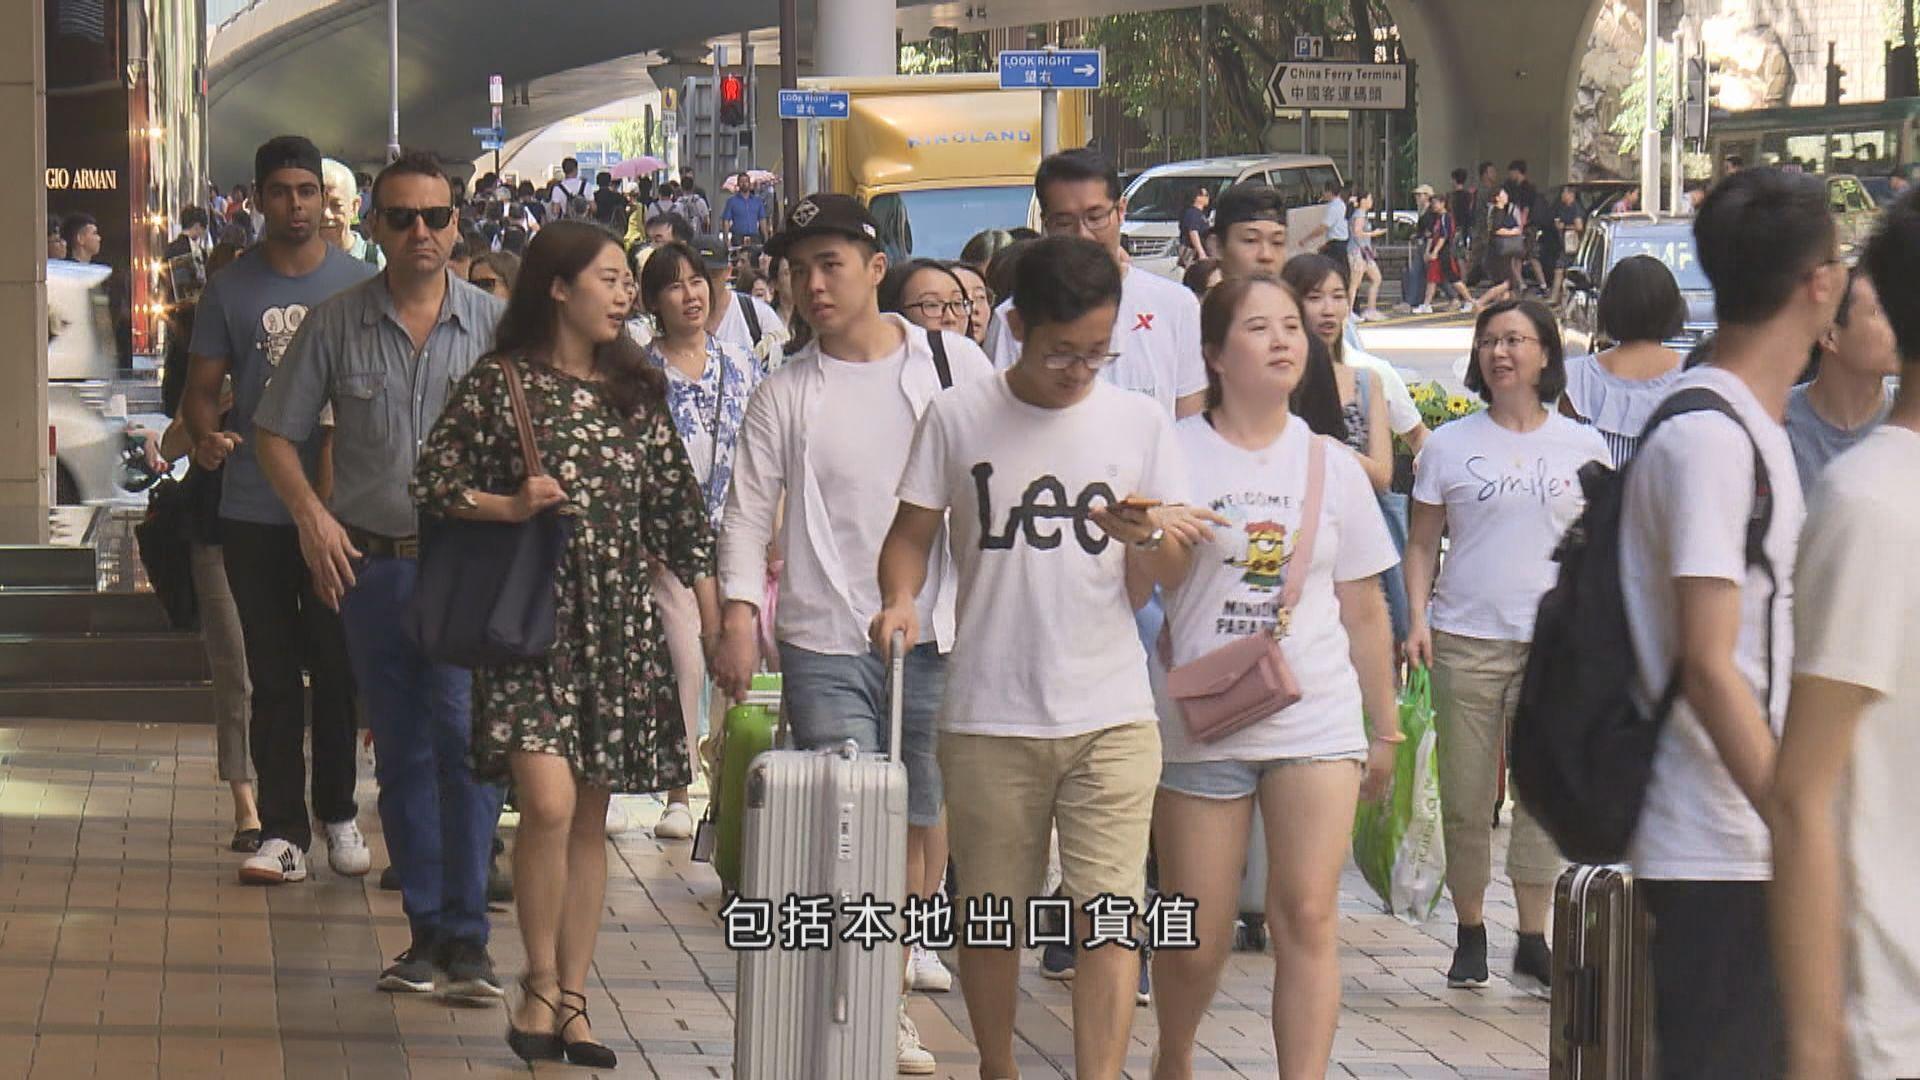 陳茂波:對短期經濟展望不樂觀